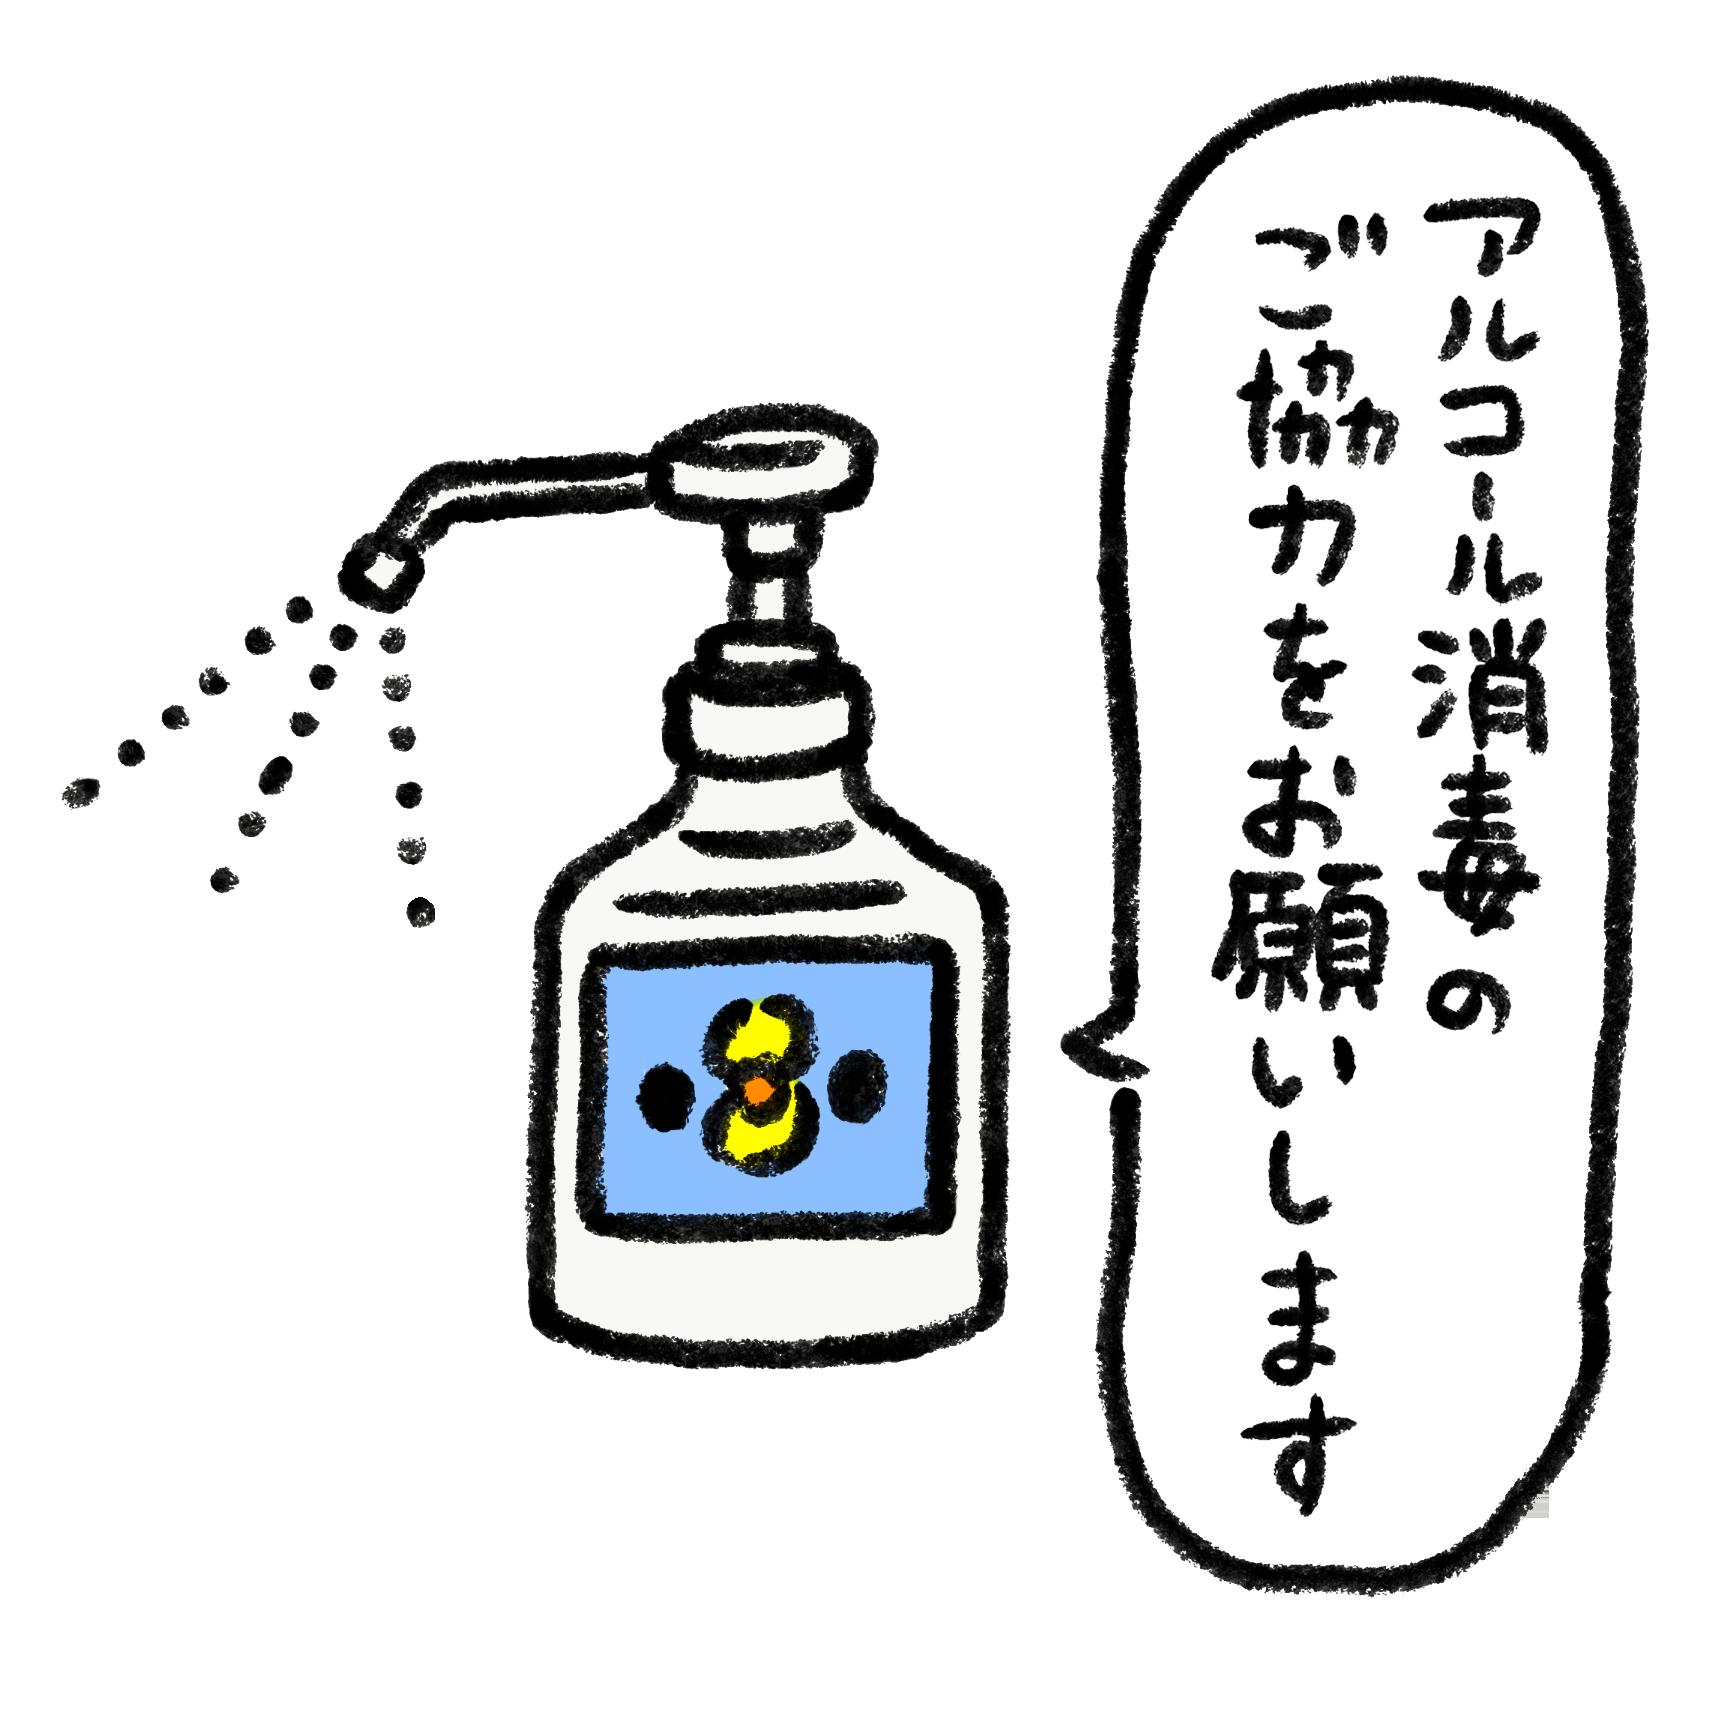 アルコール消毒のご協力をお願いするアルコールひよこ